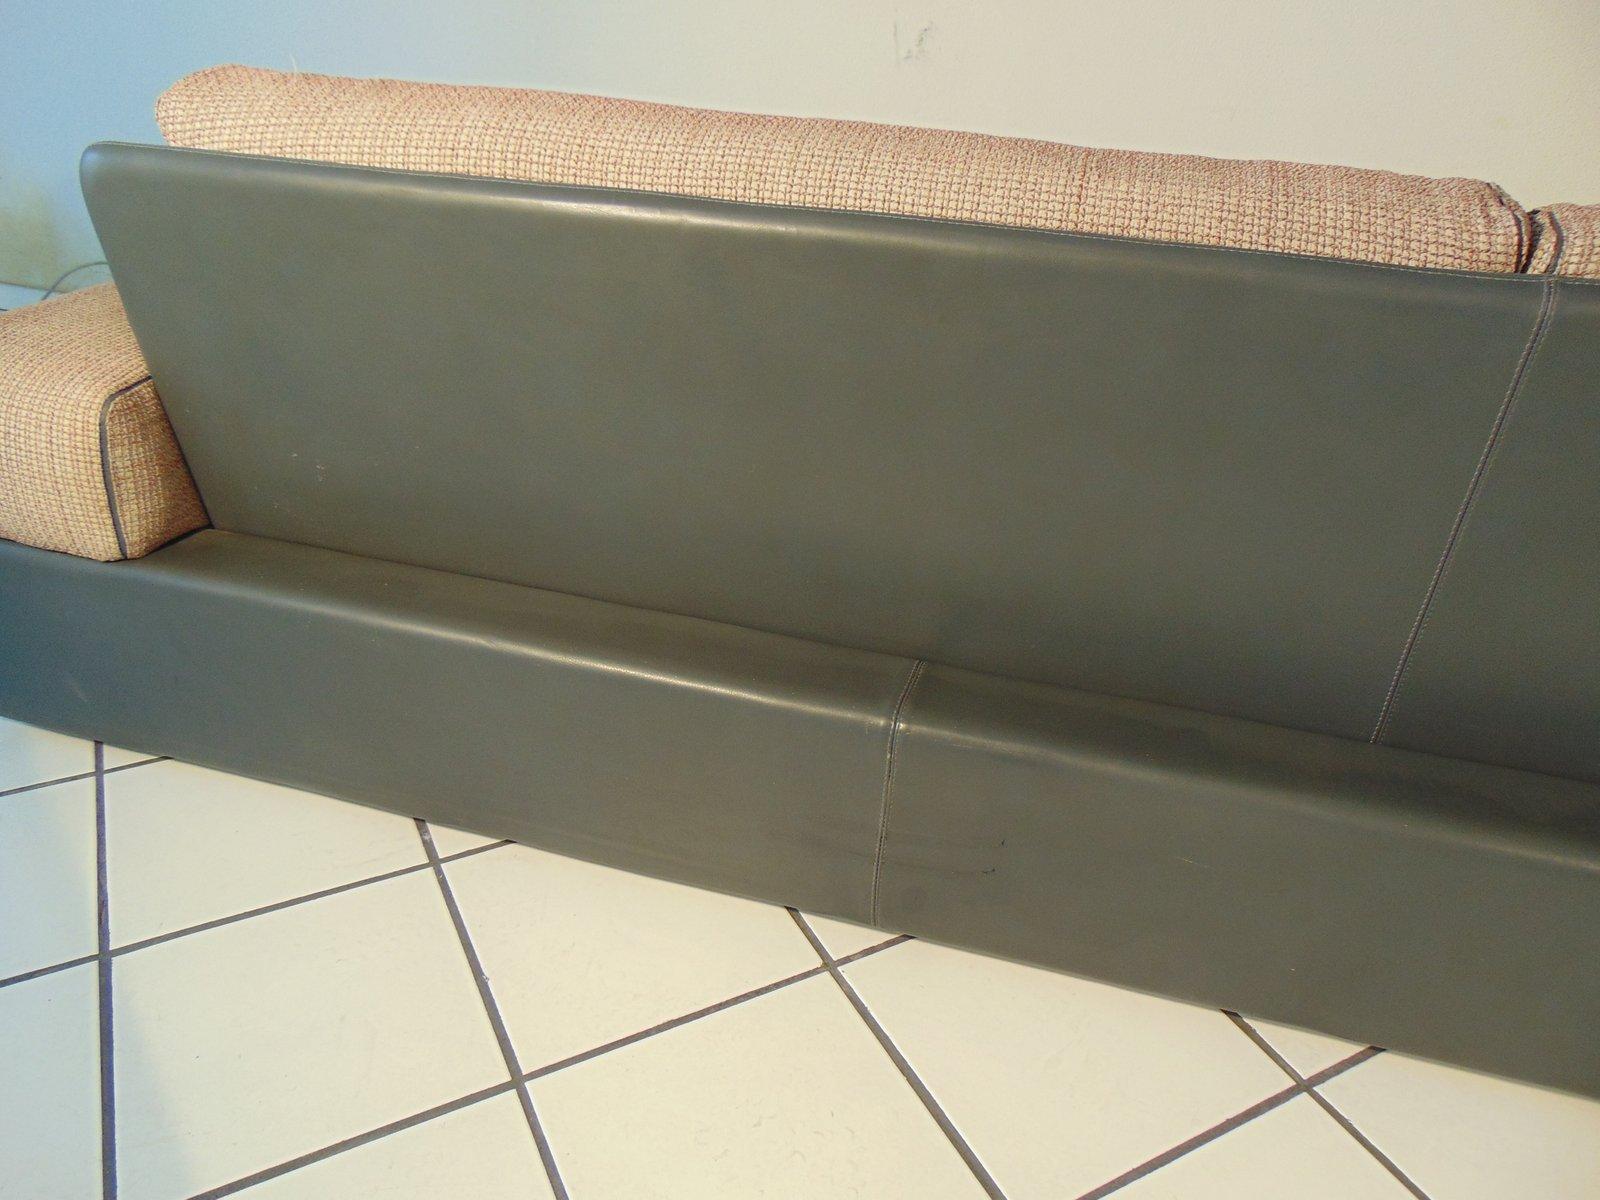 casa italy sofa singapore small bed laura ashley intrigue by l. sormani & casabella design miami for ...